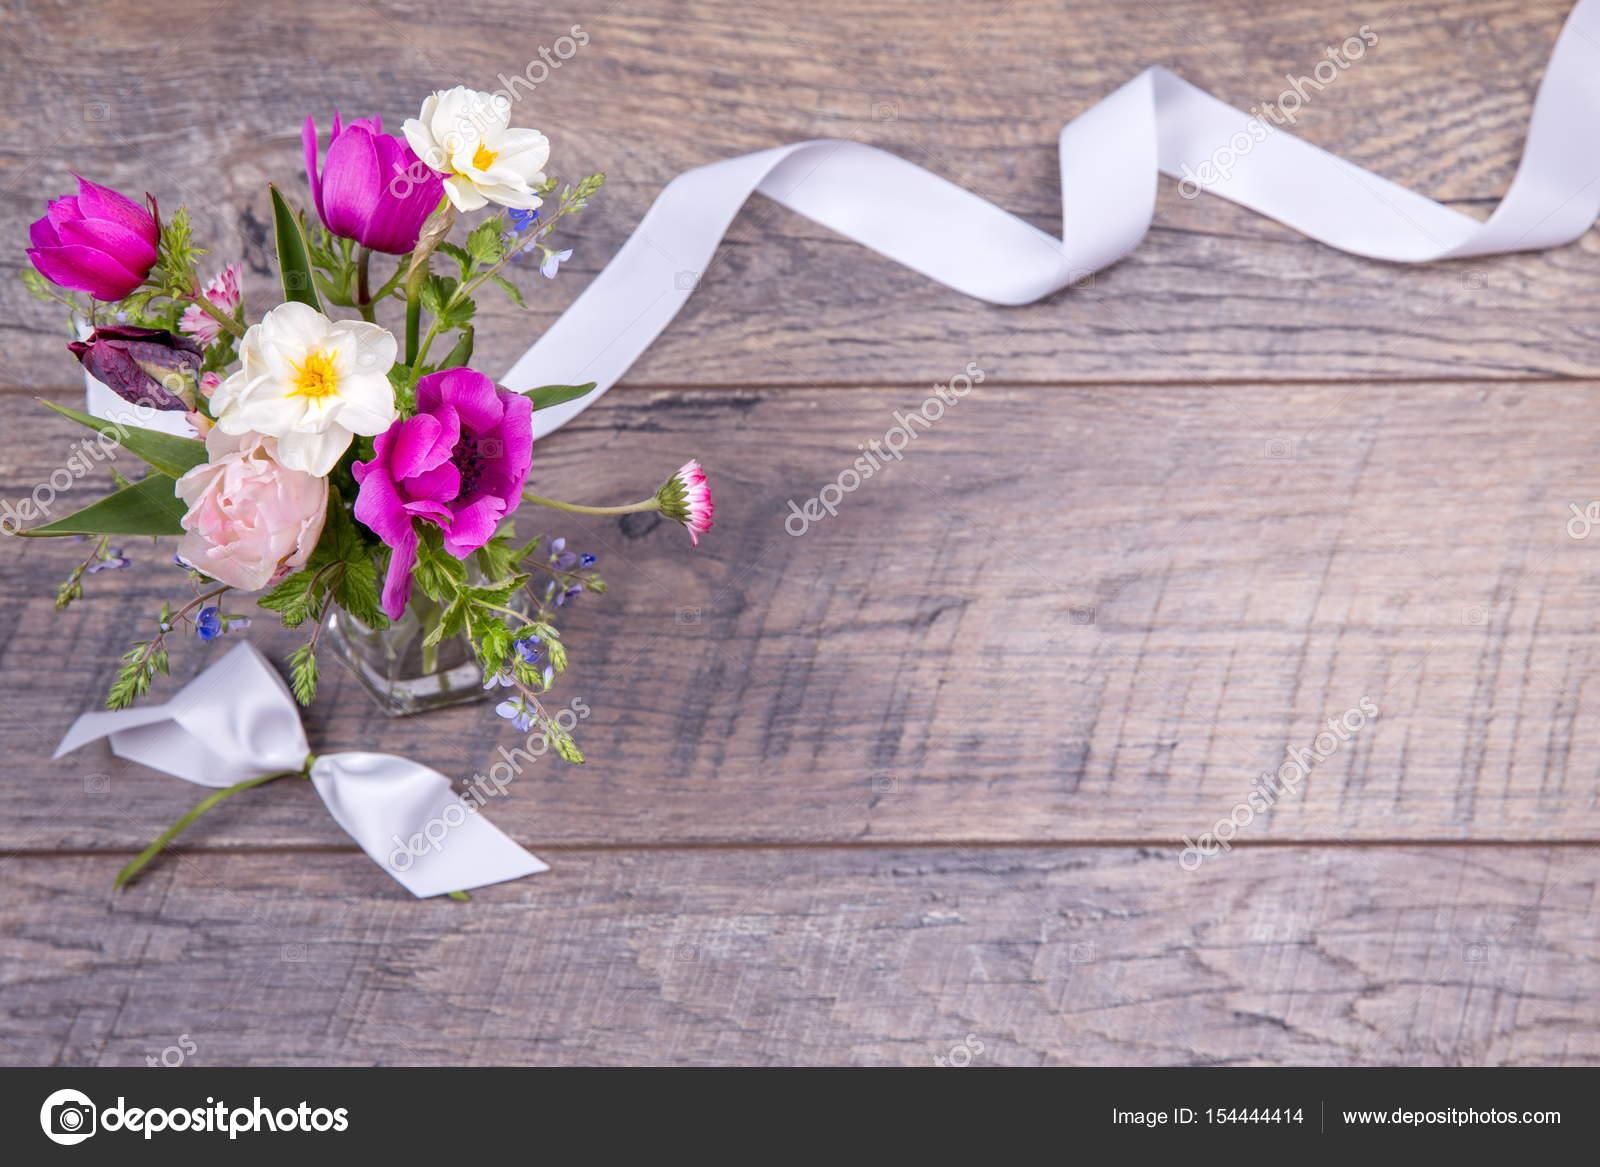 5934c9901183 Εορταστική λουλουδιών σύνθεση στο ξύλινο λευκό φόντο. Κάτοψη– εικόνα αρχείου